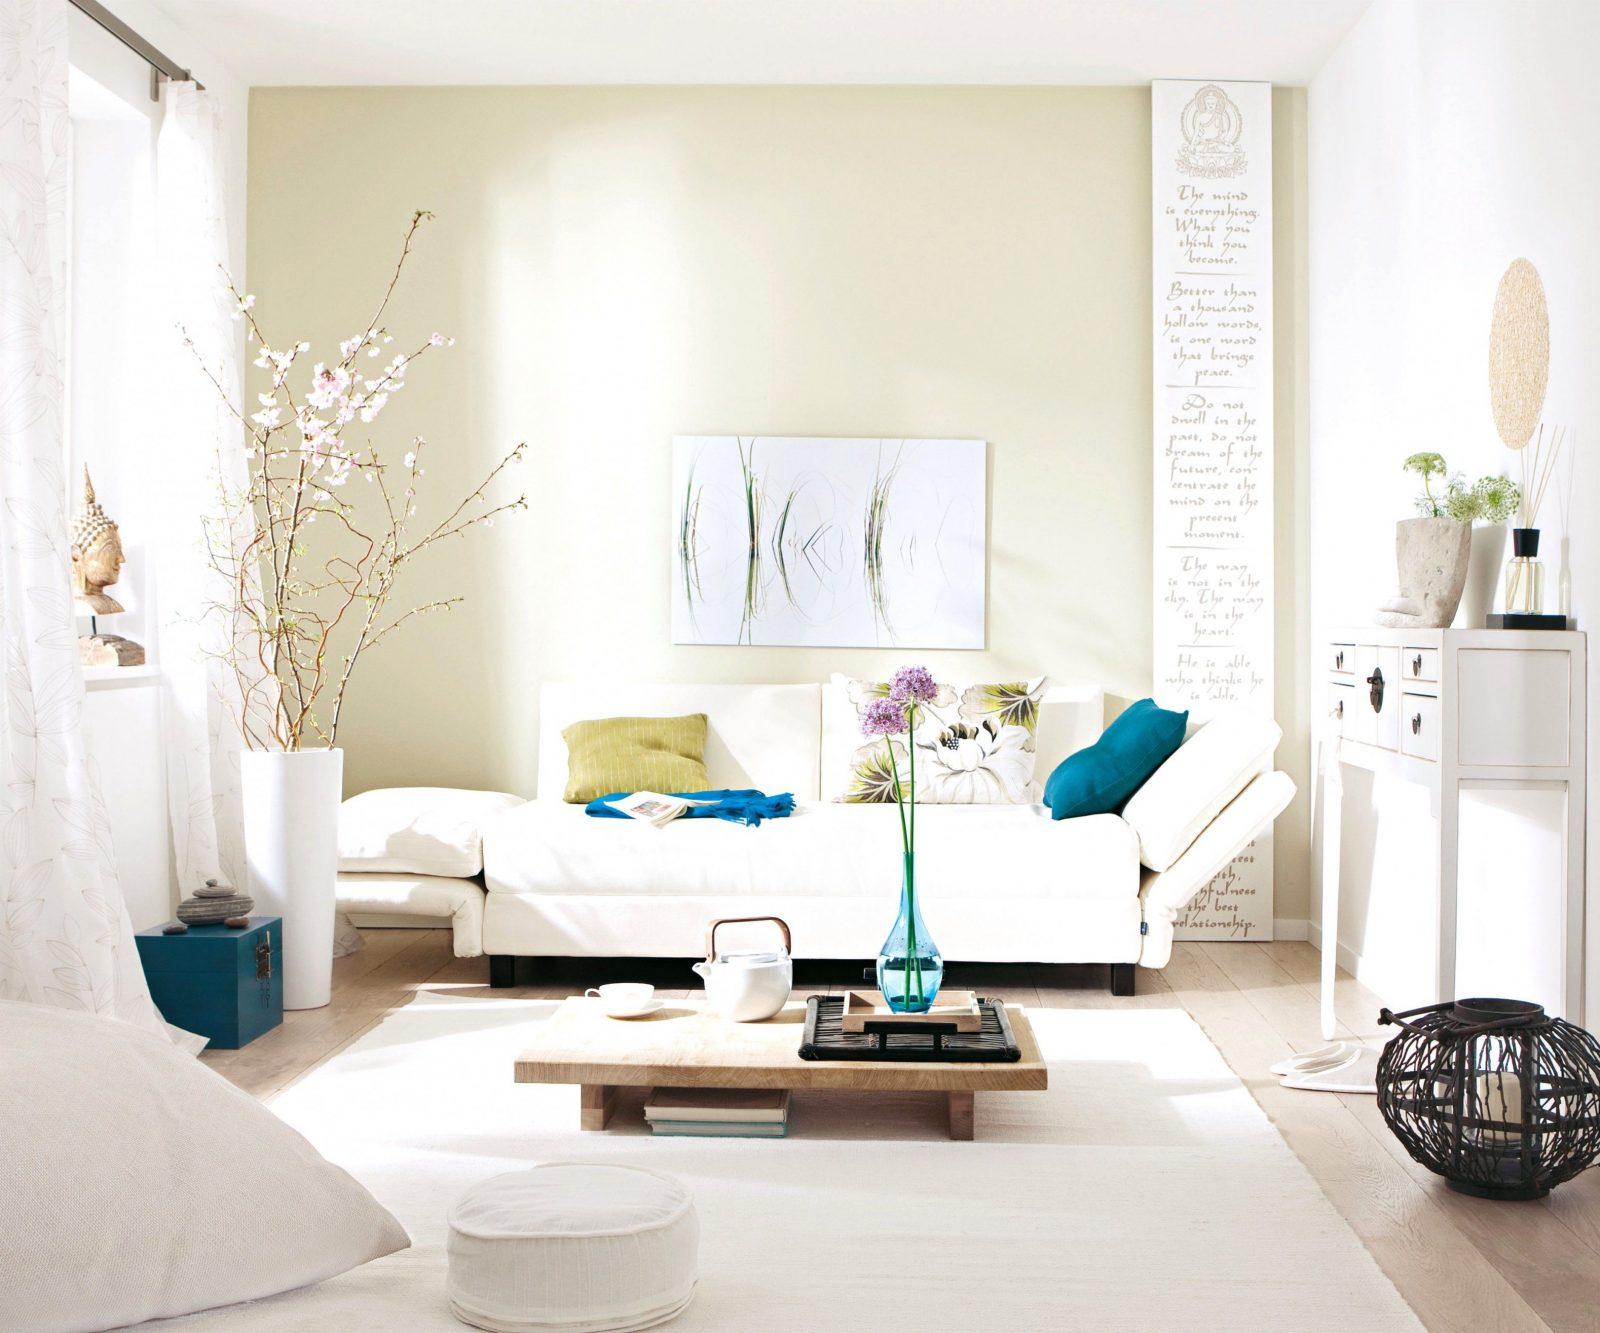 Wohnung Design Programm Affordable Wohnung Einrichten Programm Full